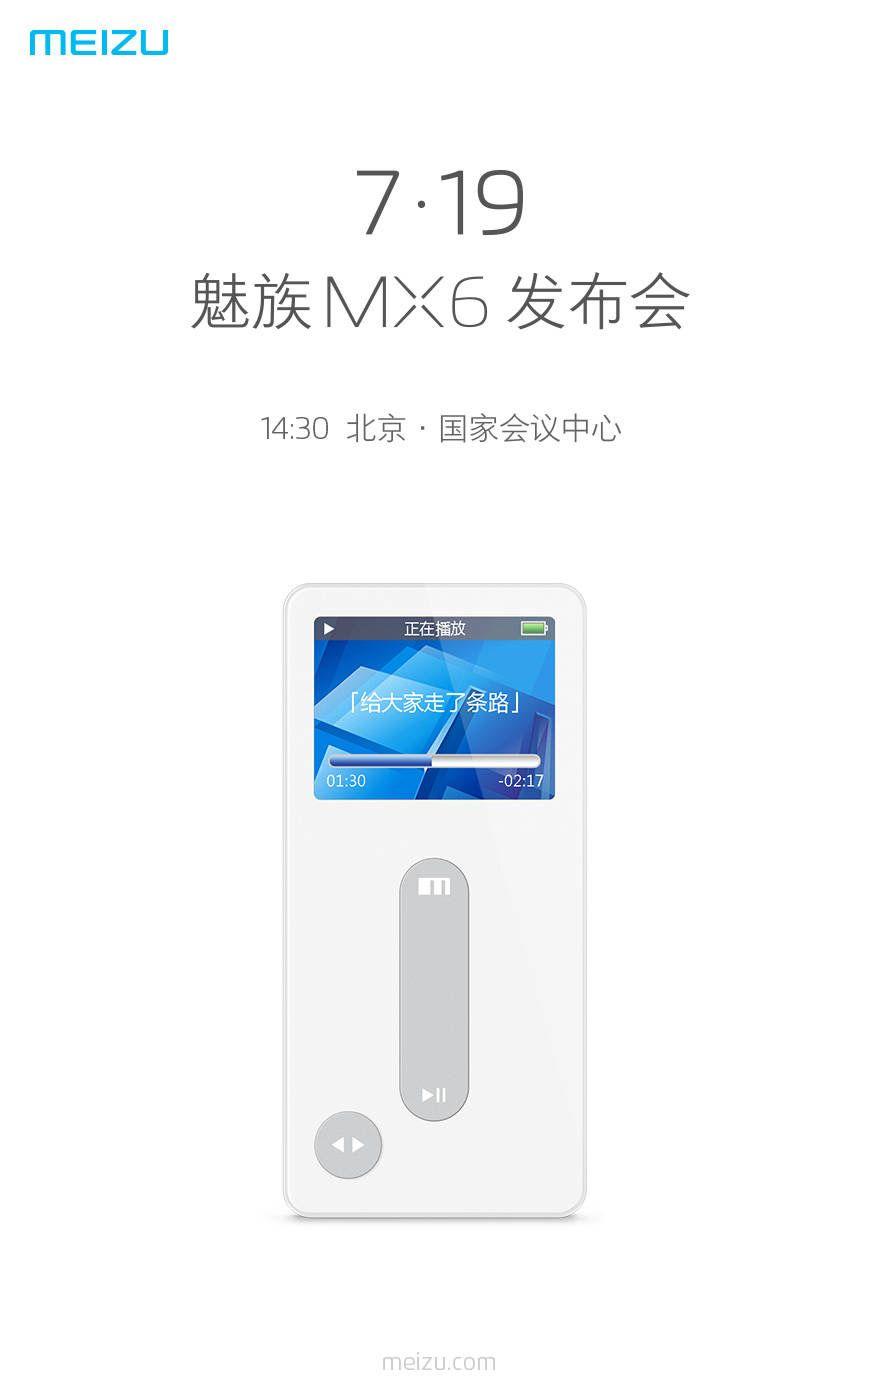 Meizu MX6の発表会を7月19日に開催。招待状にはMeizu M3(Music Card)が同梱